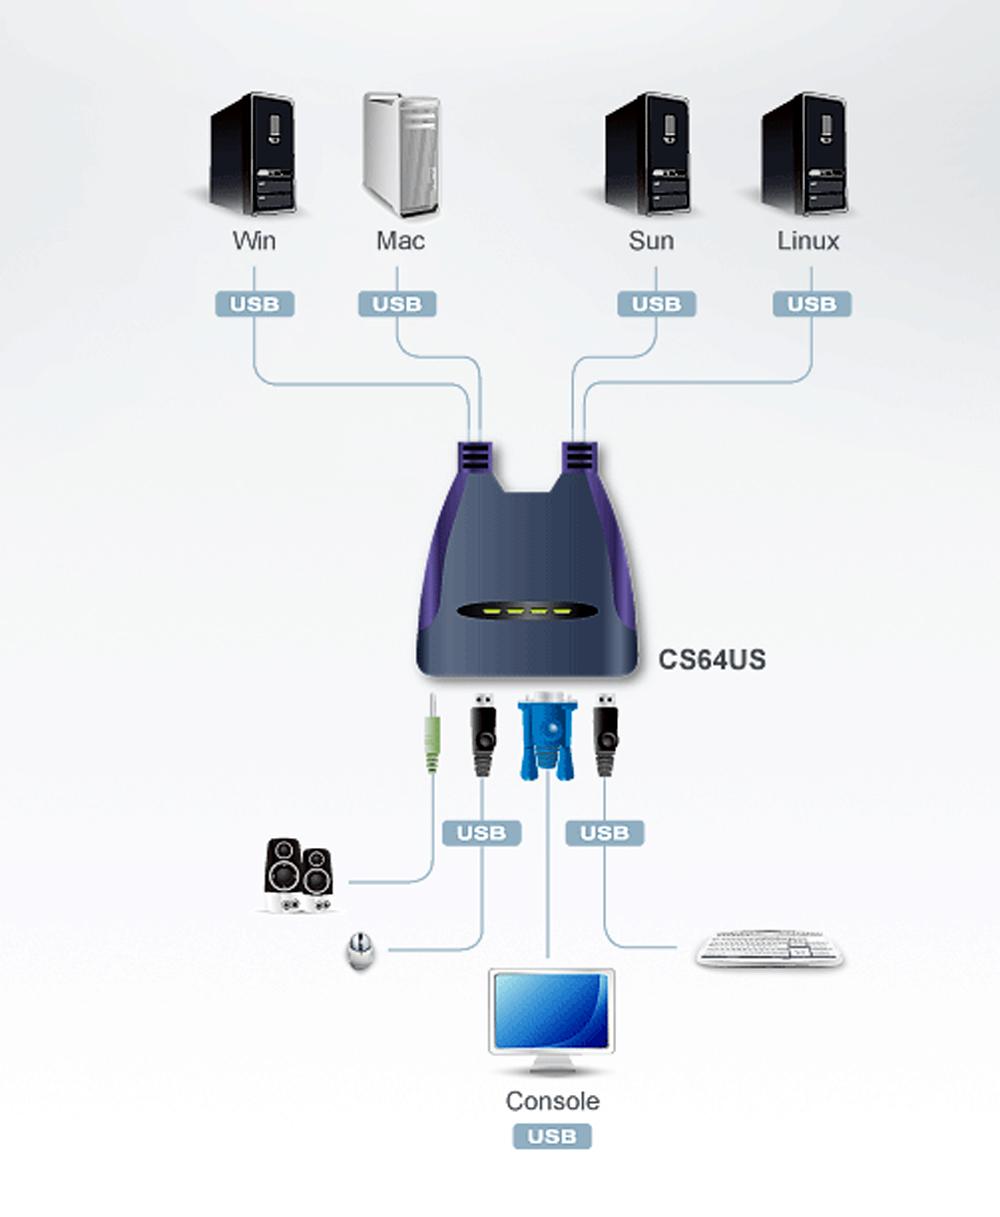 Kvm Aten Harga ATEN CS64US 4 Port USB KVM Switch